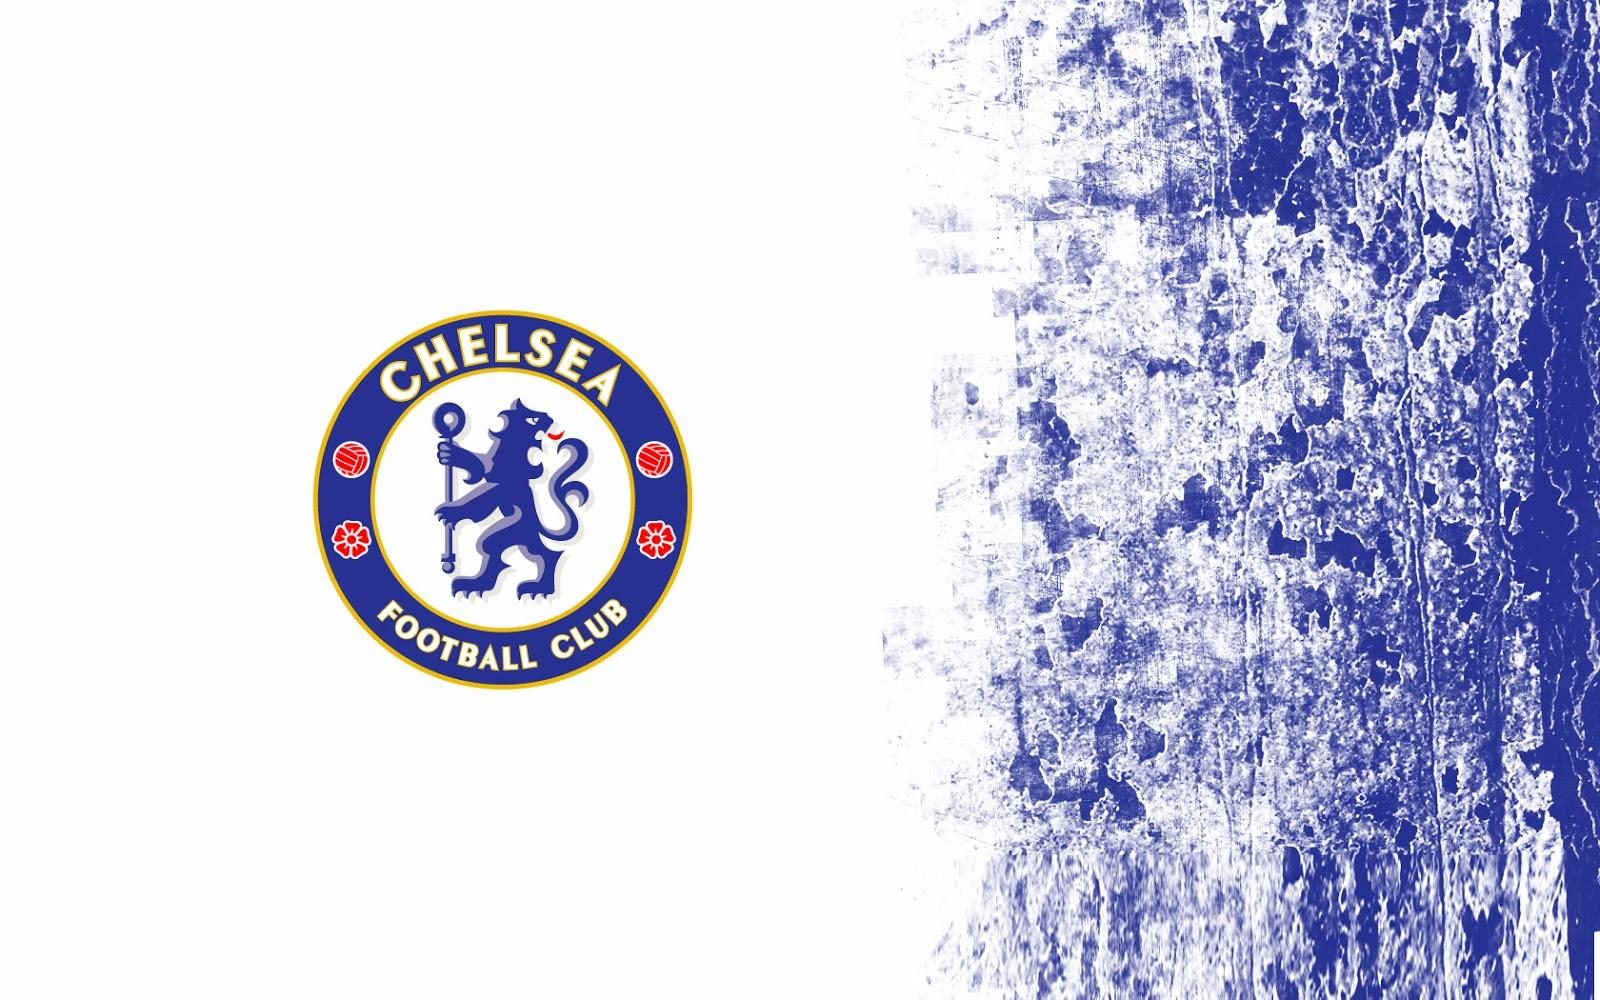 [47+] Chelsea FC Desktop Wallpaper on WallpaperSafari